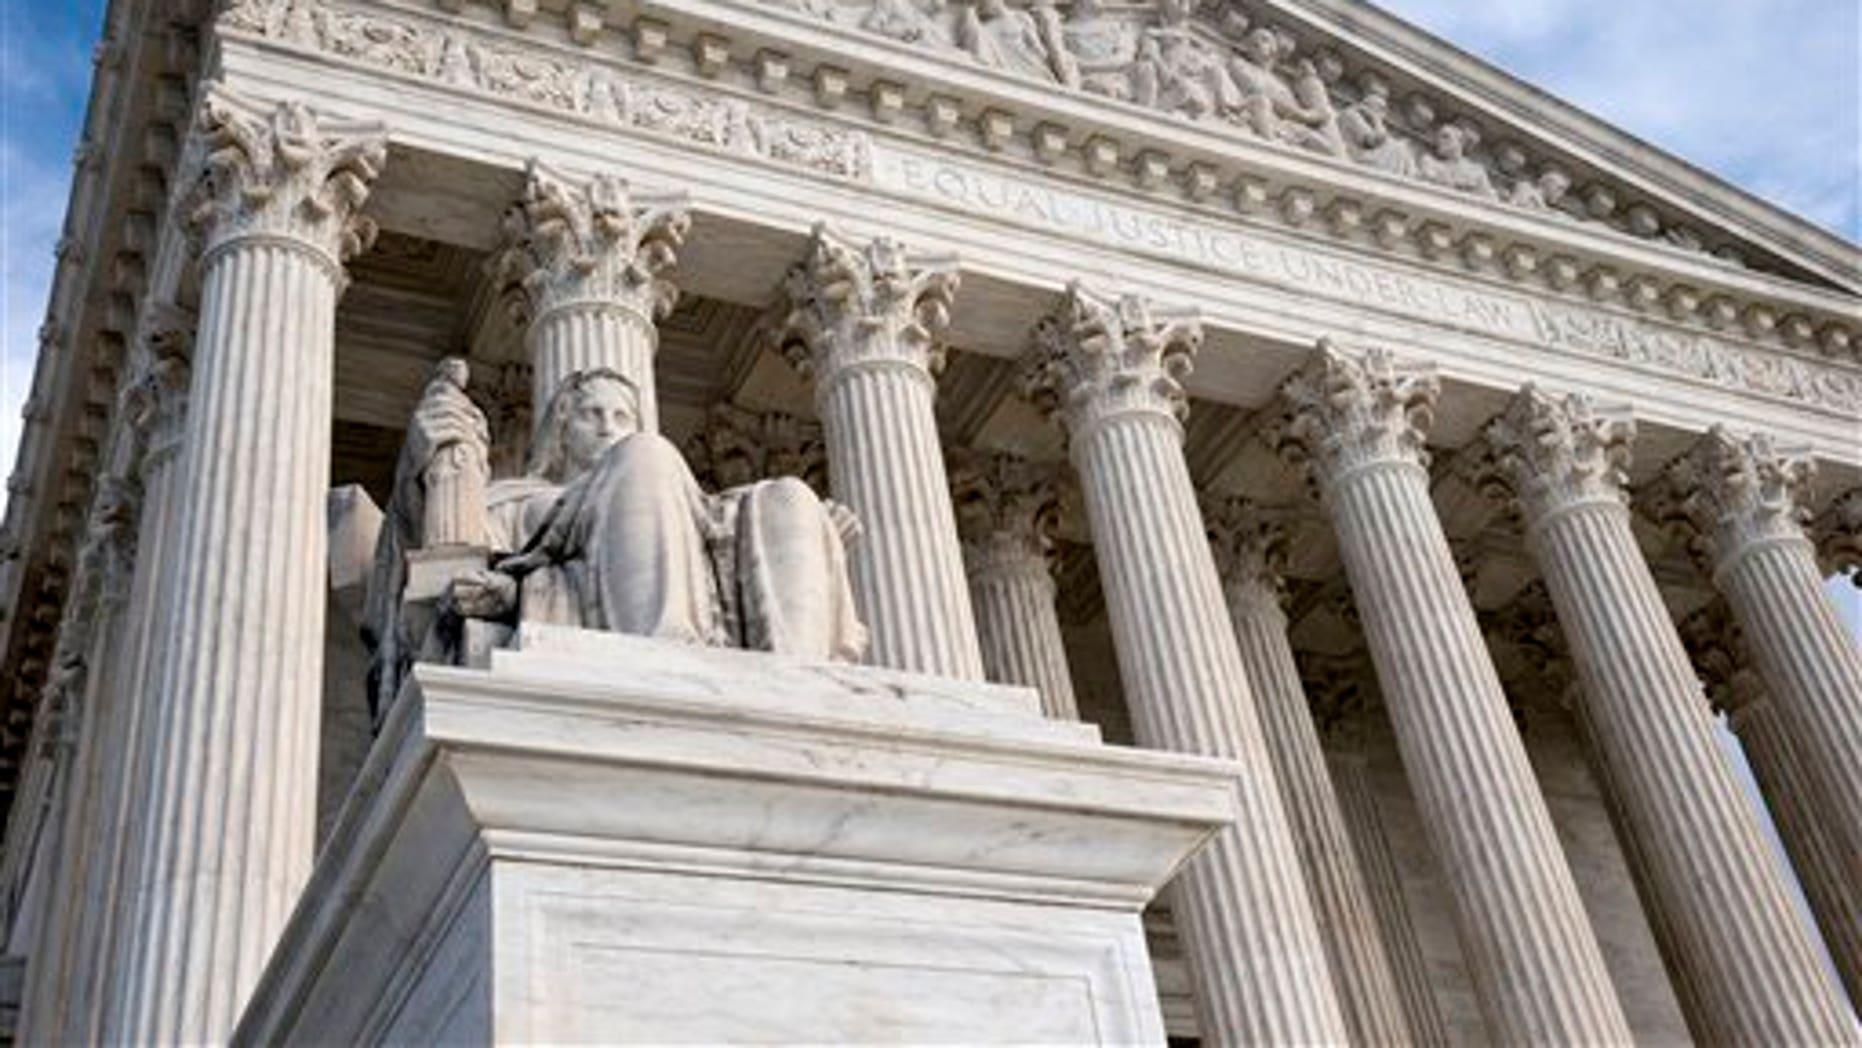 FILE: Feb. 17, 2016:  The Supreme Court building, in Washington, D.C. (AP)